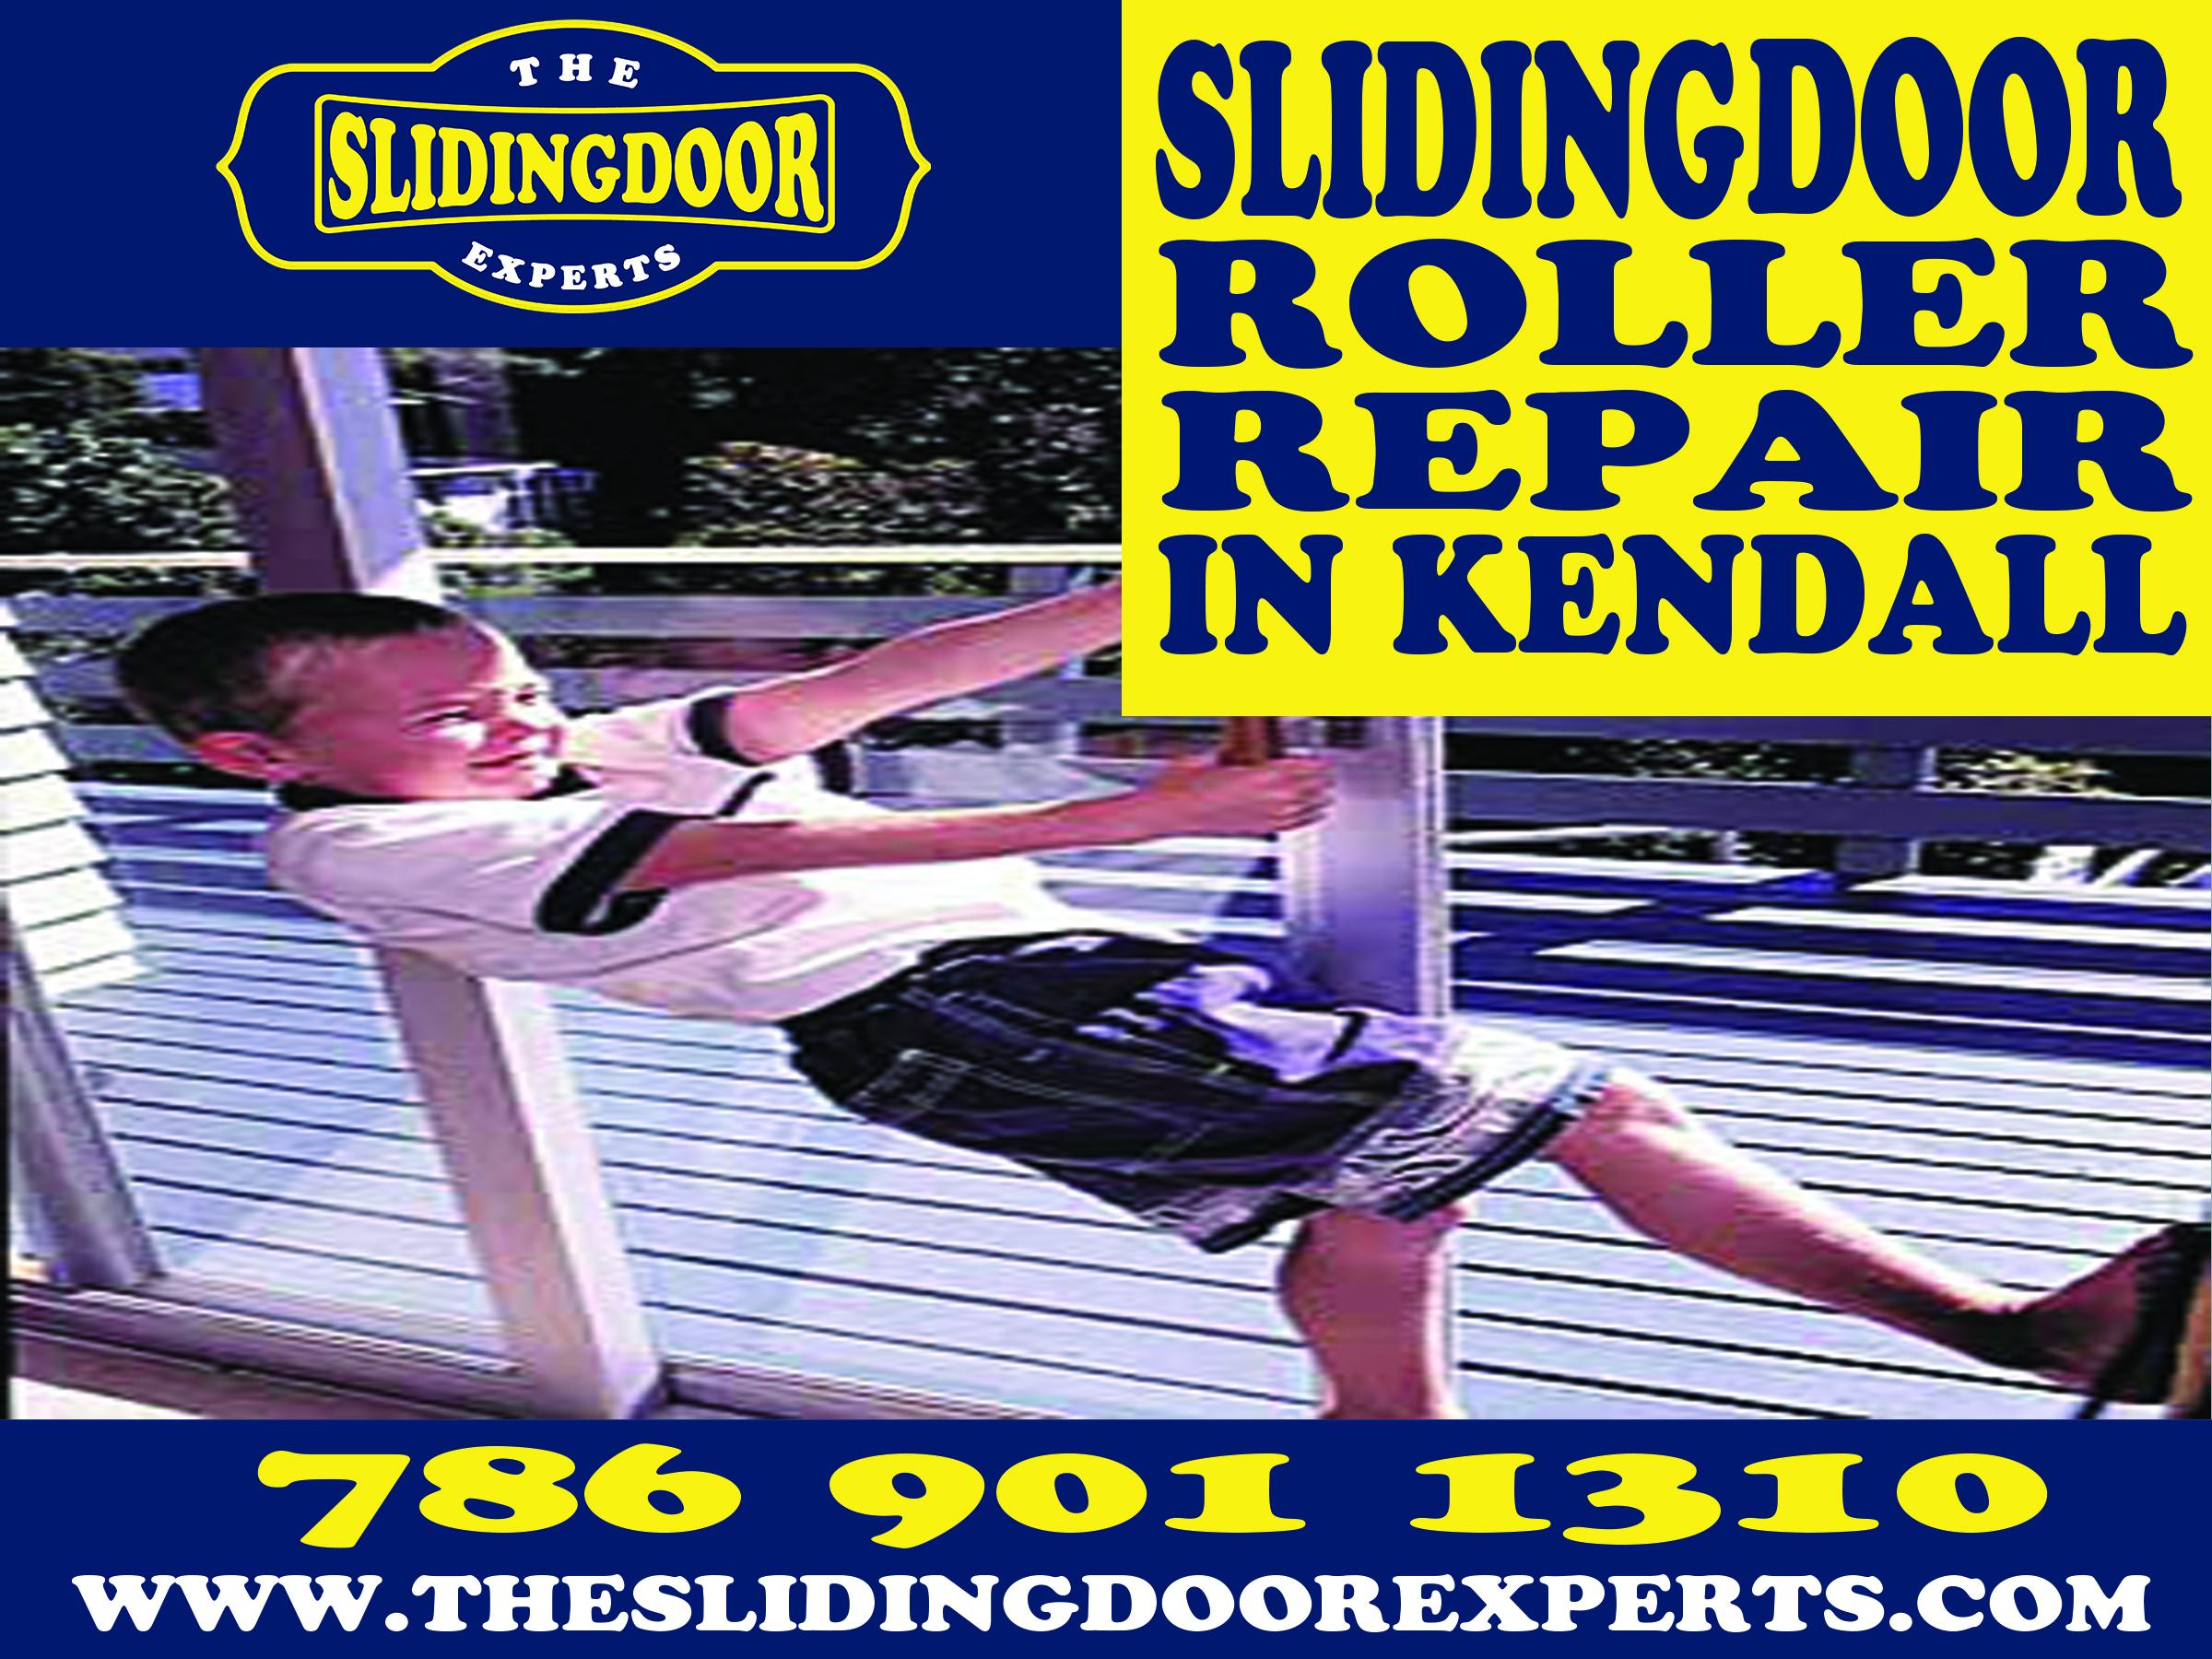 Sliding Glass Door Roller Repair In Kendall The Sliding Door Experts